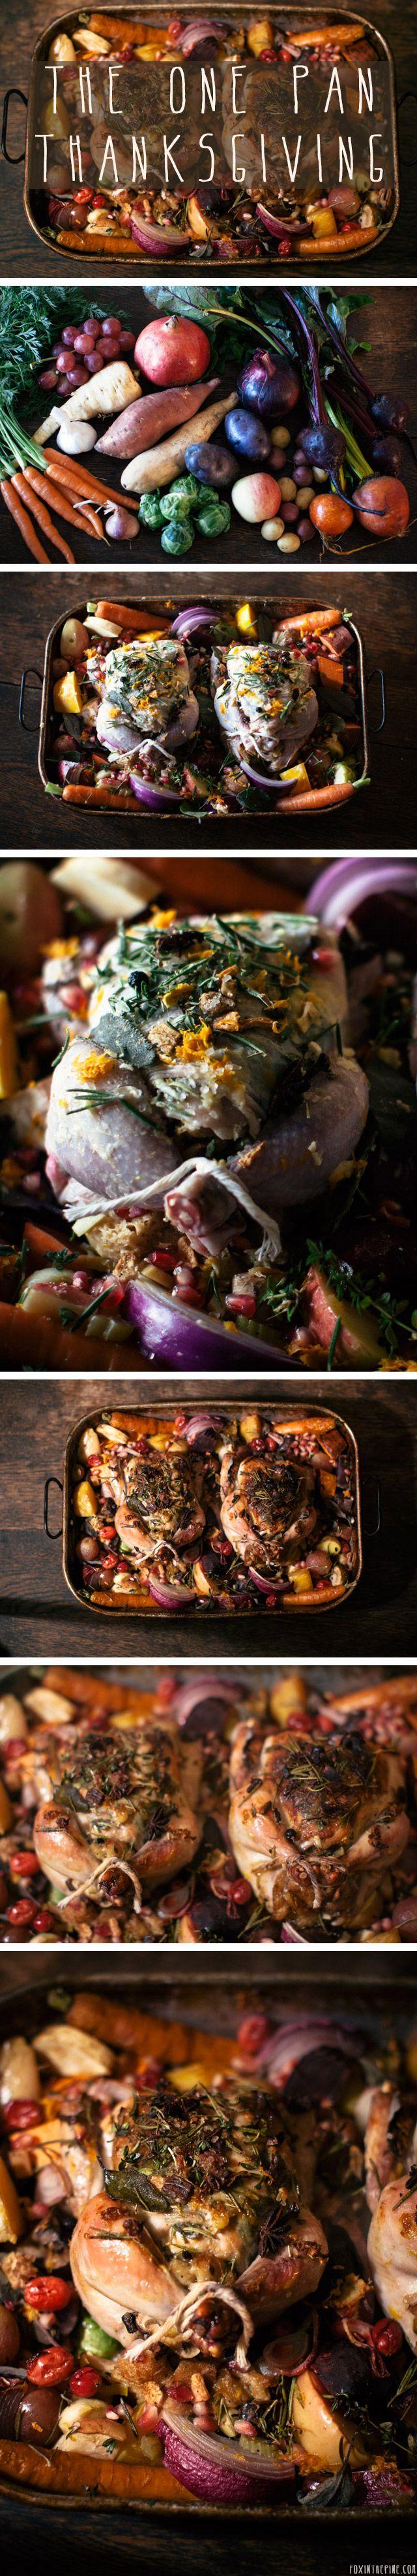 One Pan Thanksgiving.